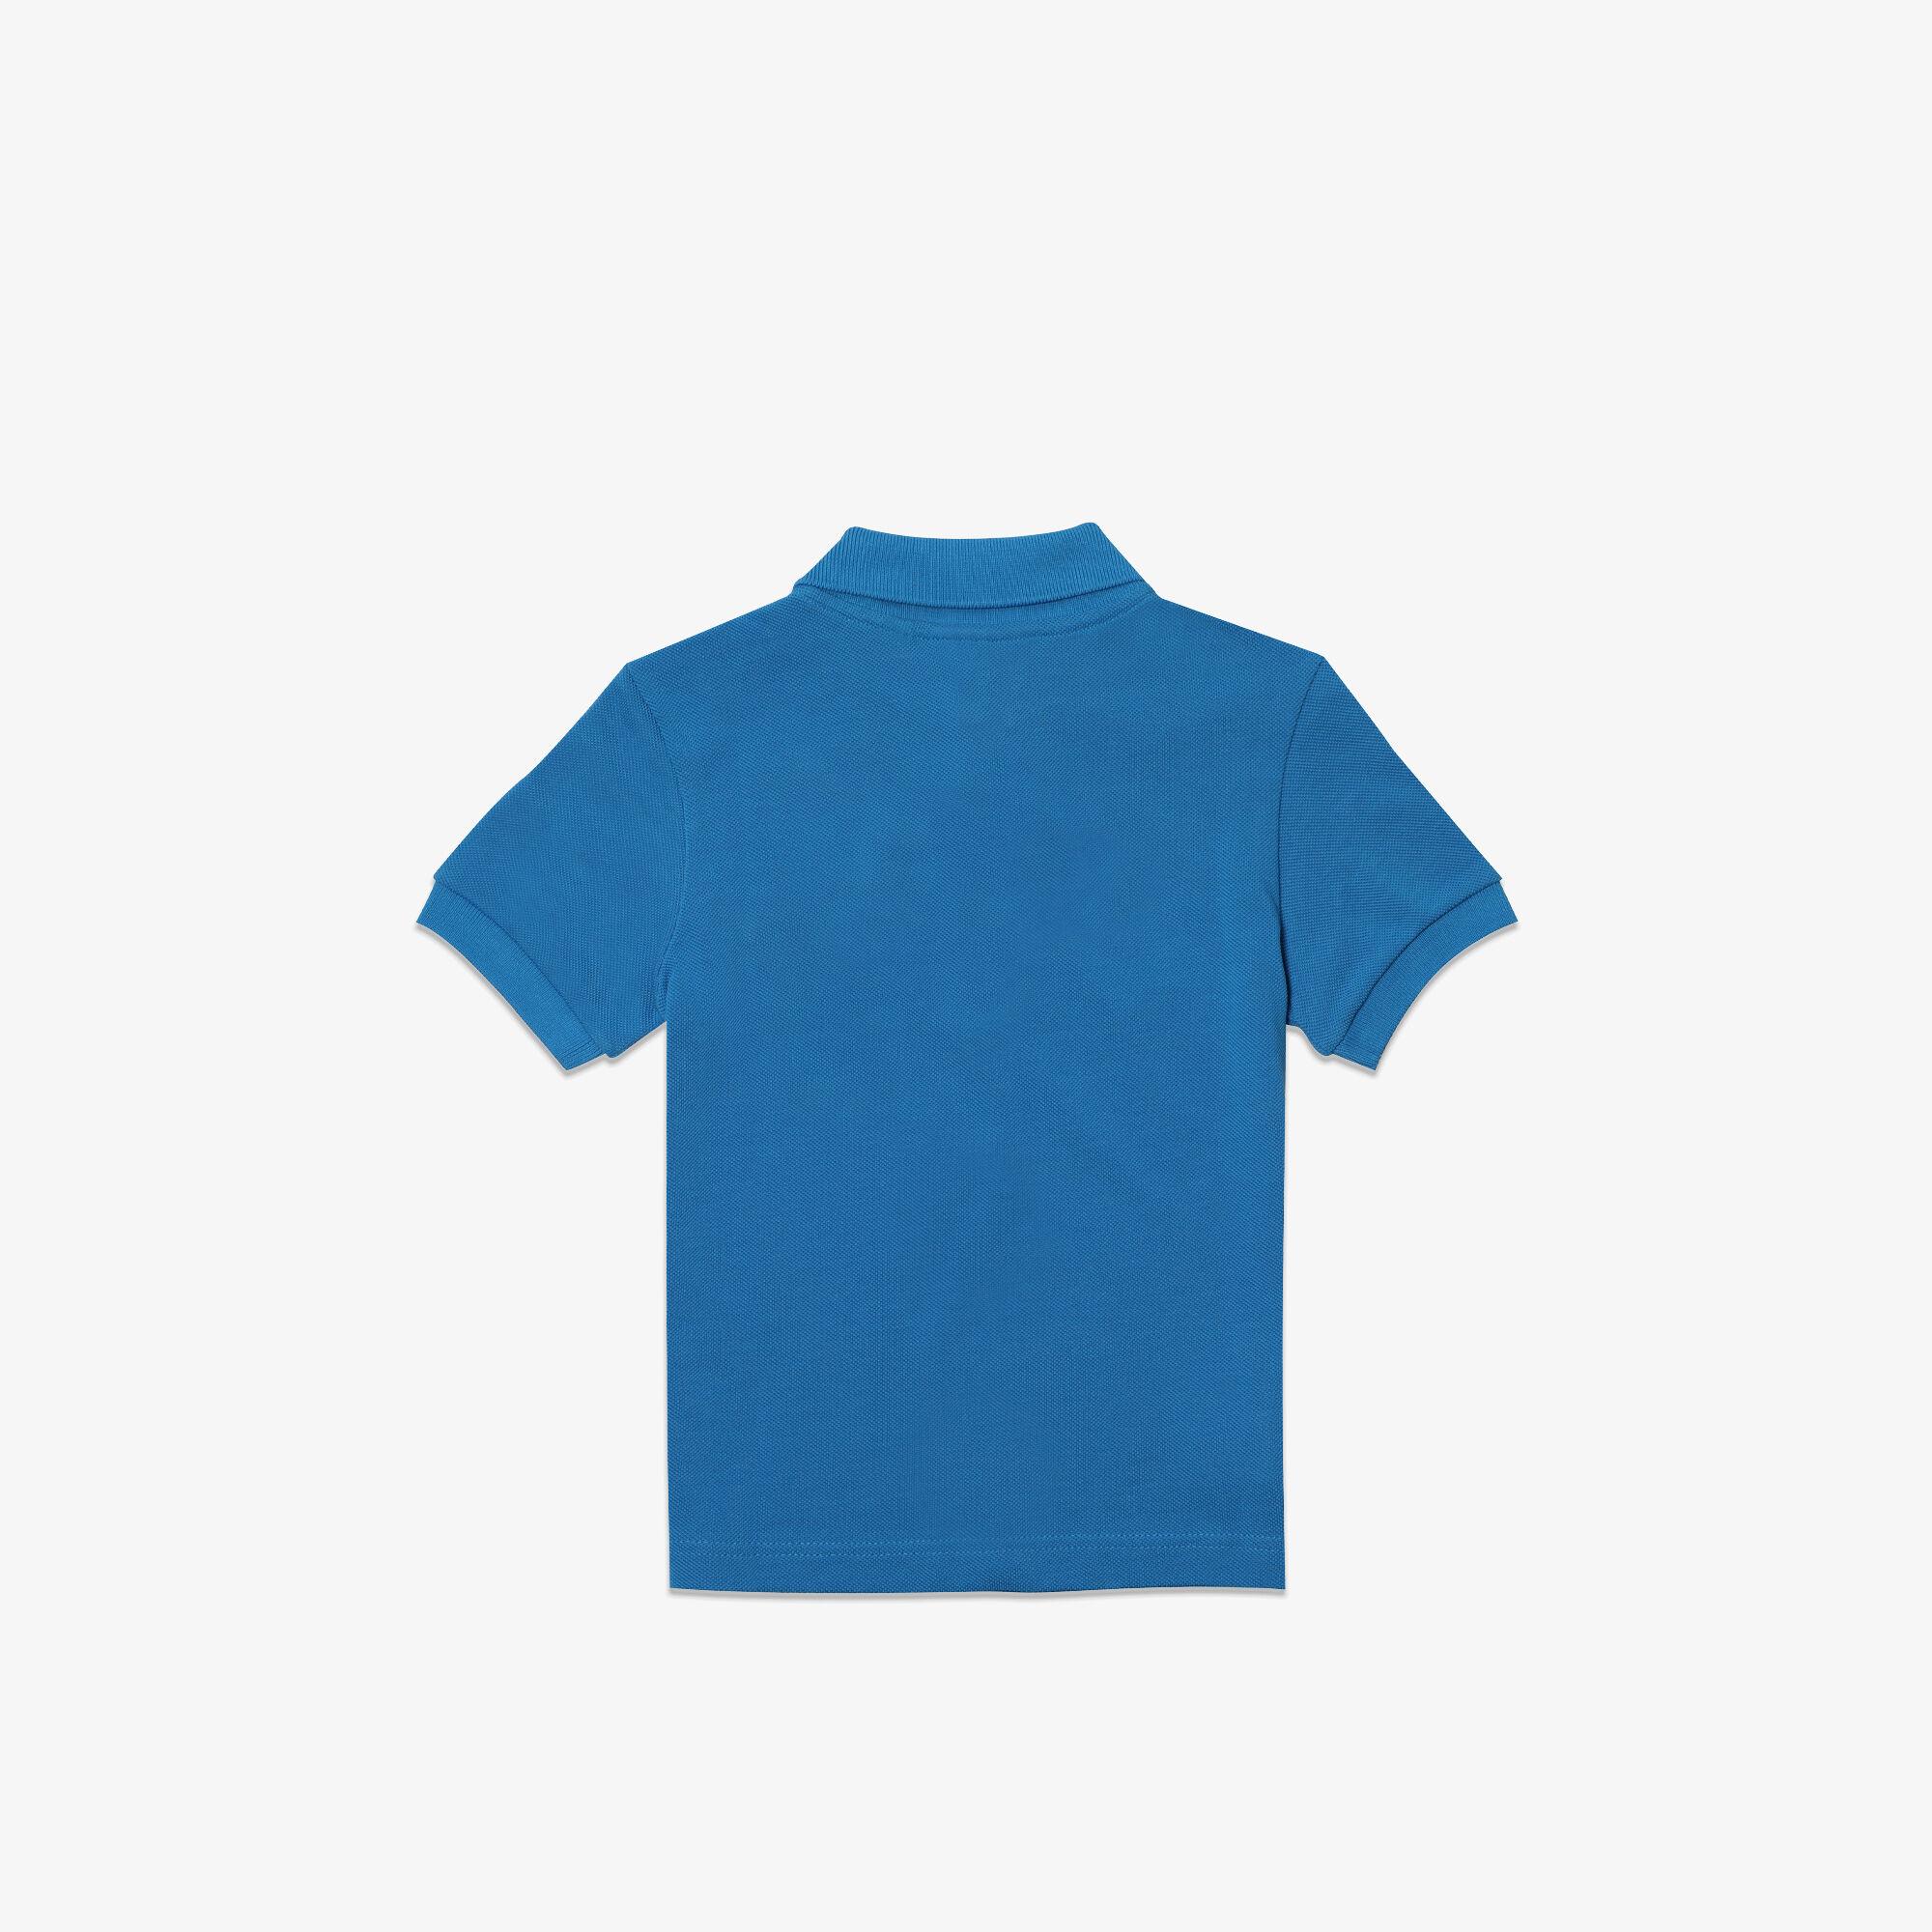 قميص بولو من بيكيه القطن بتصميم تمساح ظريف للأولاد